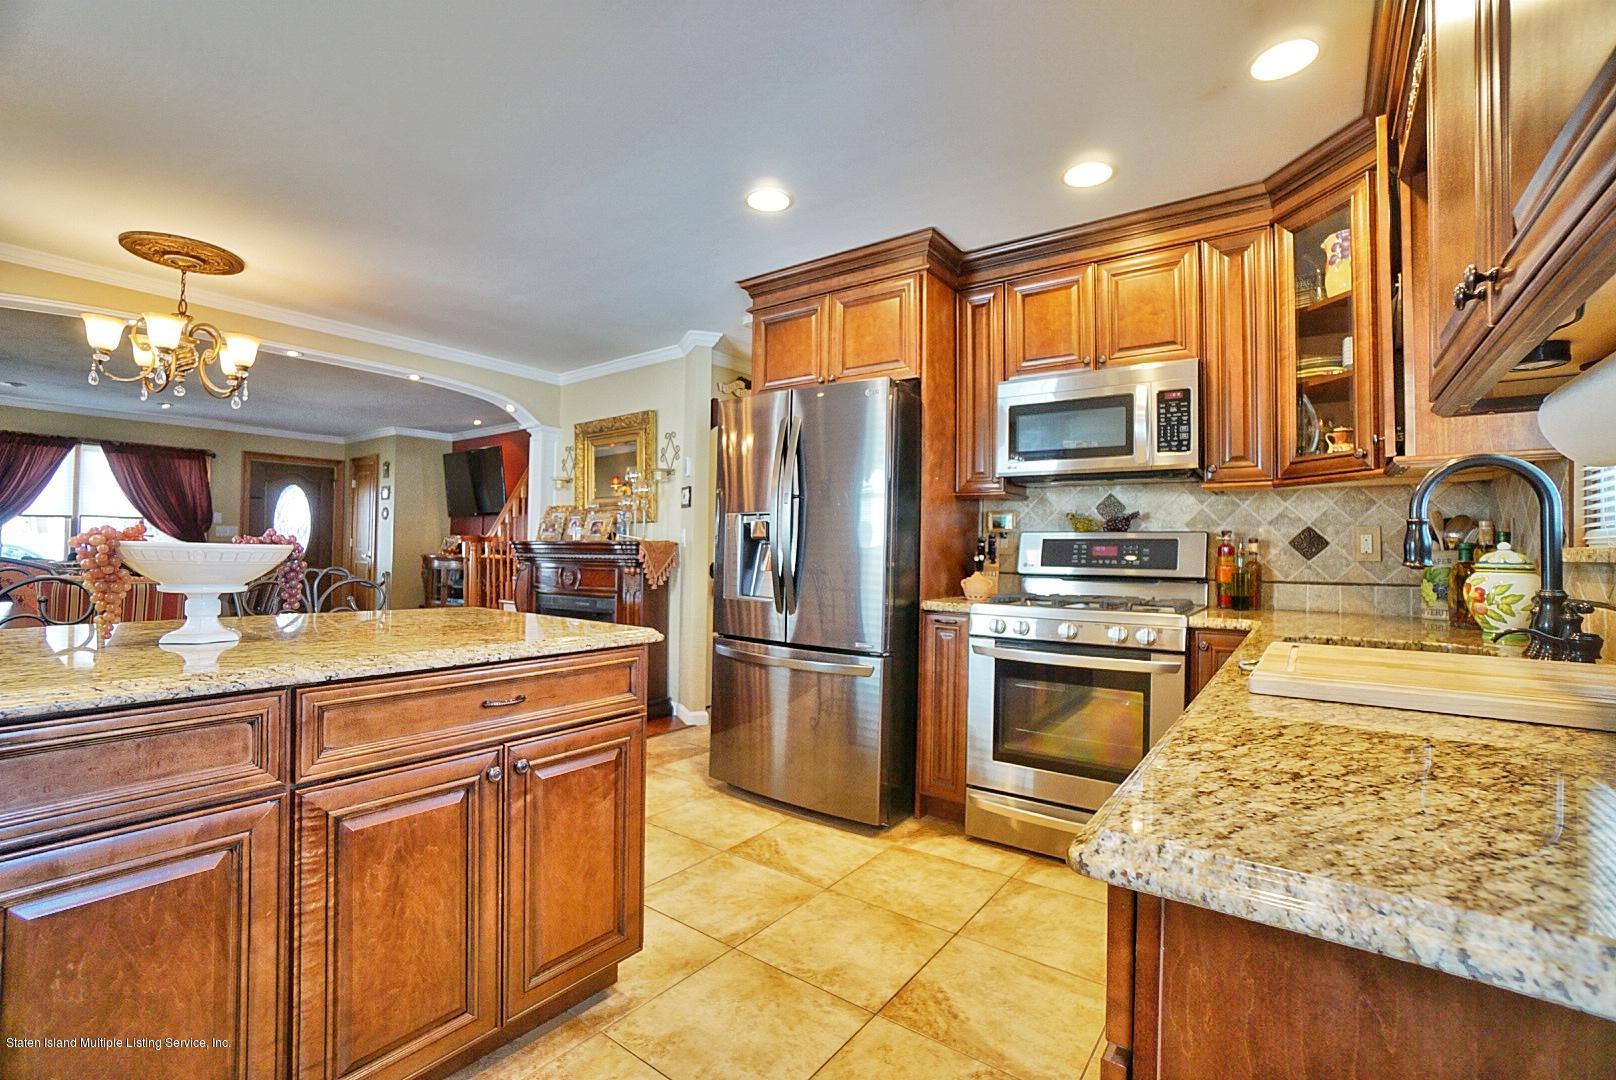 Single Family - Semi-Attached 366 Fairbanks Avenue  Staten Island, NY 10306, MLS-1127458-17